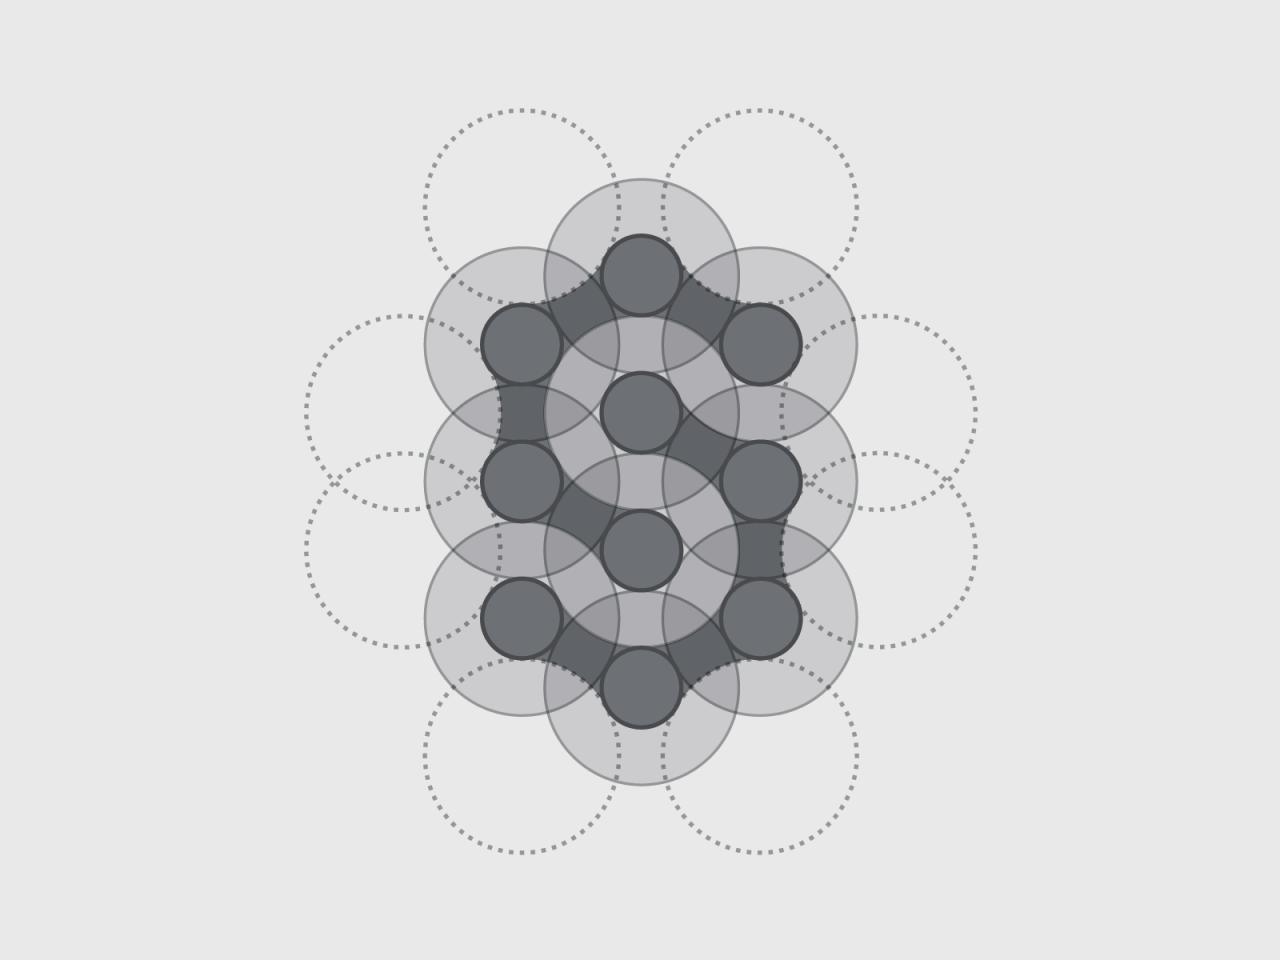 projektowanie wzorów graficznych